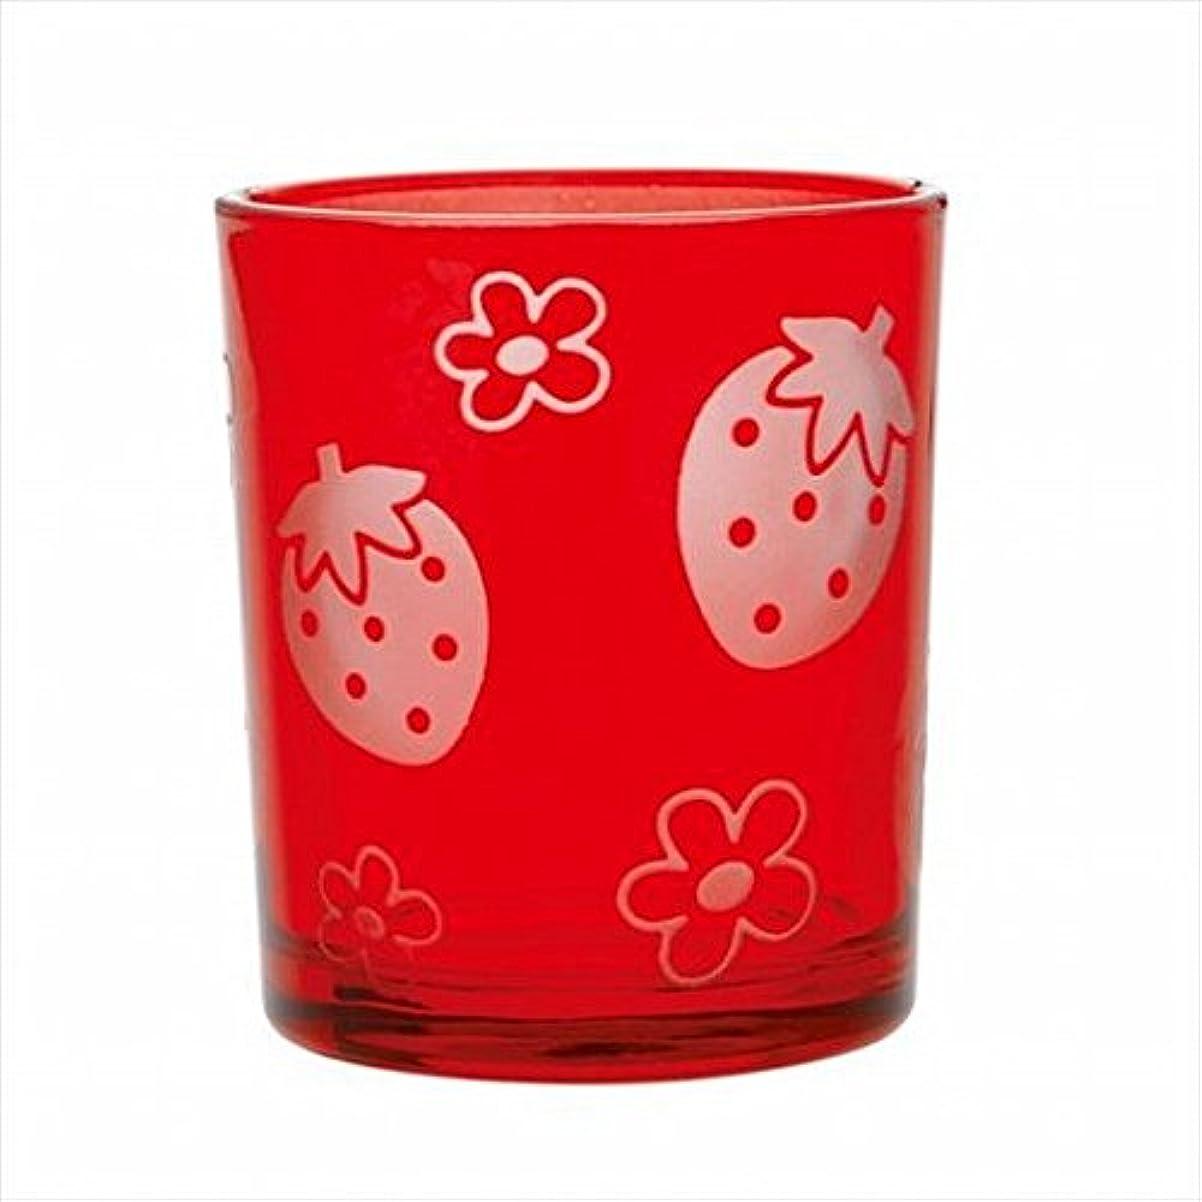 想起キャンディー振動させるsweets candle(スイーツキャンドル) いちごフロストカップ 「 レッド 」 キャンドル 55x55x65mm (J1490040R)